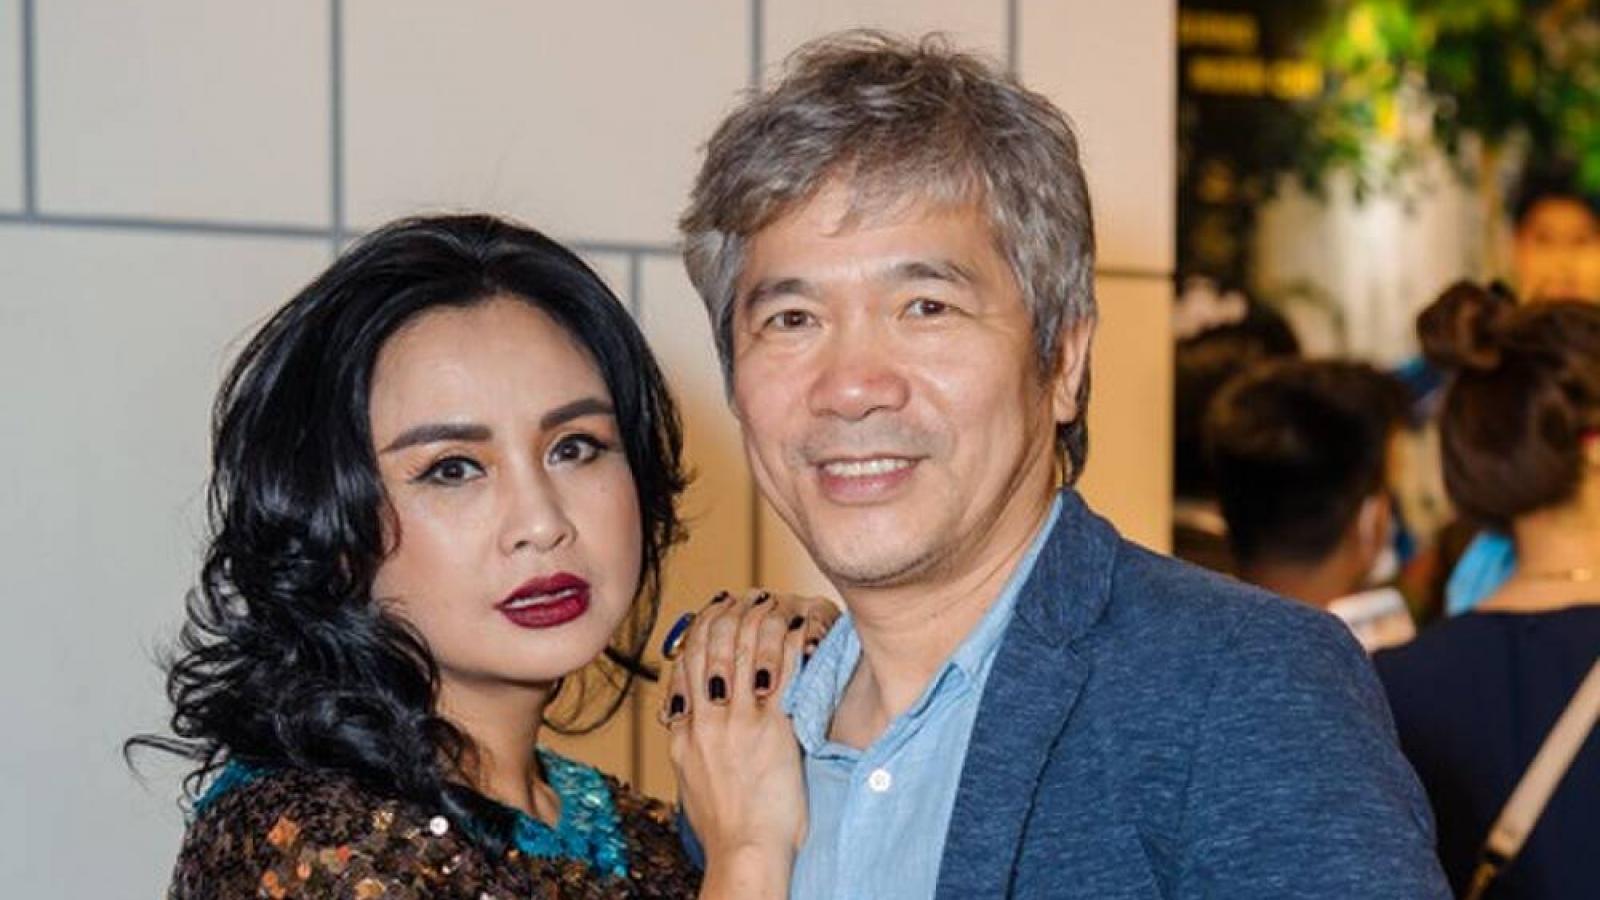 Chuyện showbiz: Diva Thanh Lam sánh đôi hạnh phúc bên bạn trai